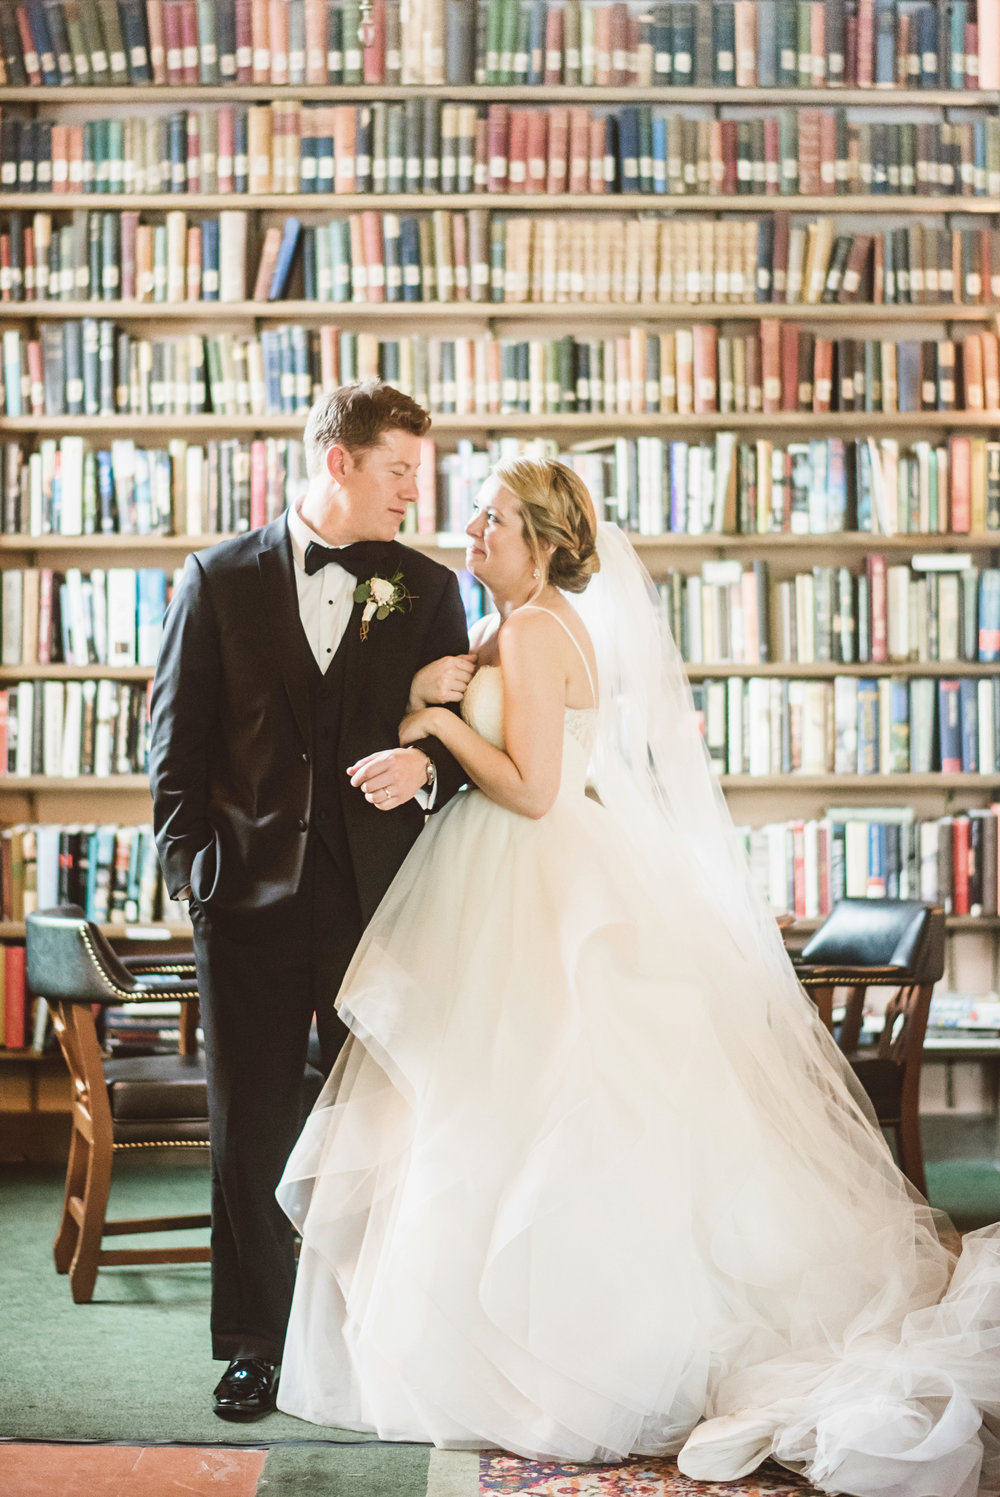 erin_ben_wedding_by_lucas_botz_427.jpg